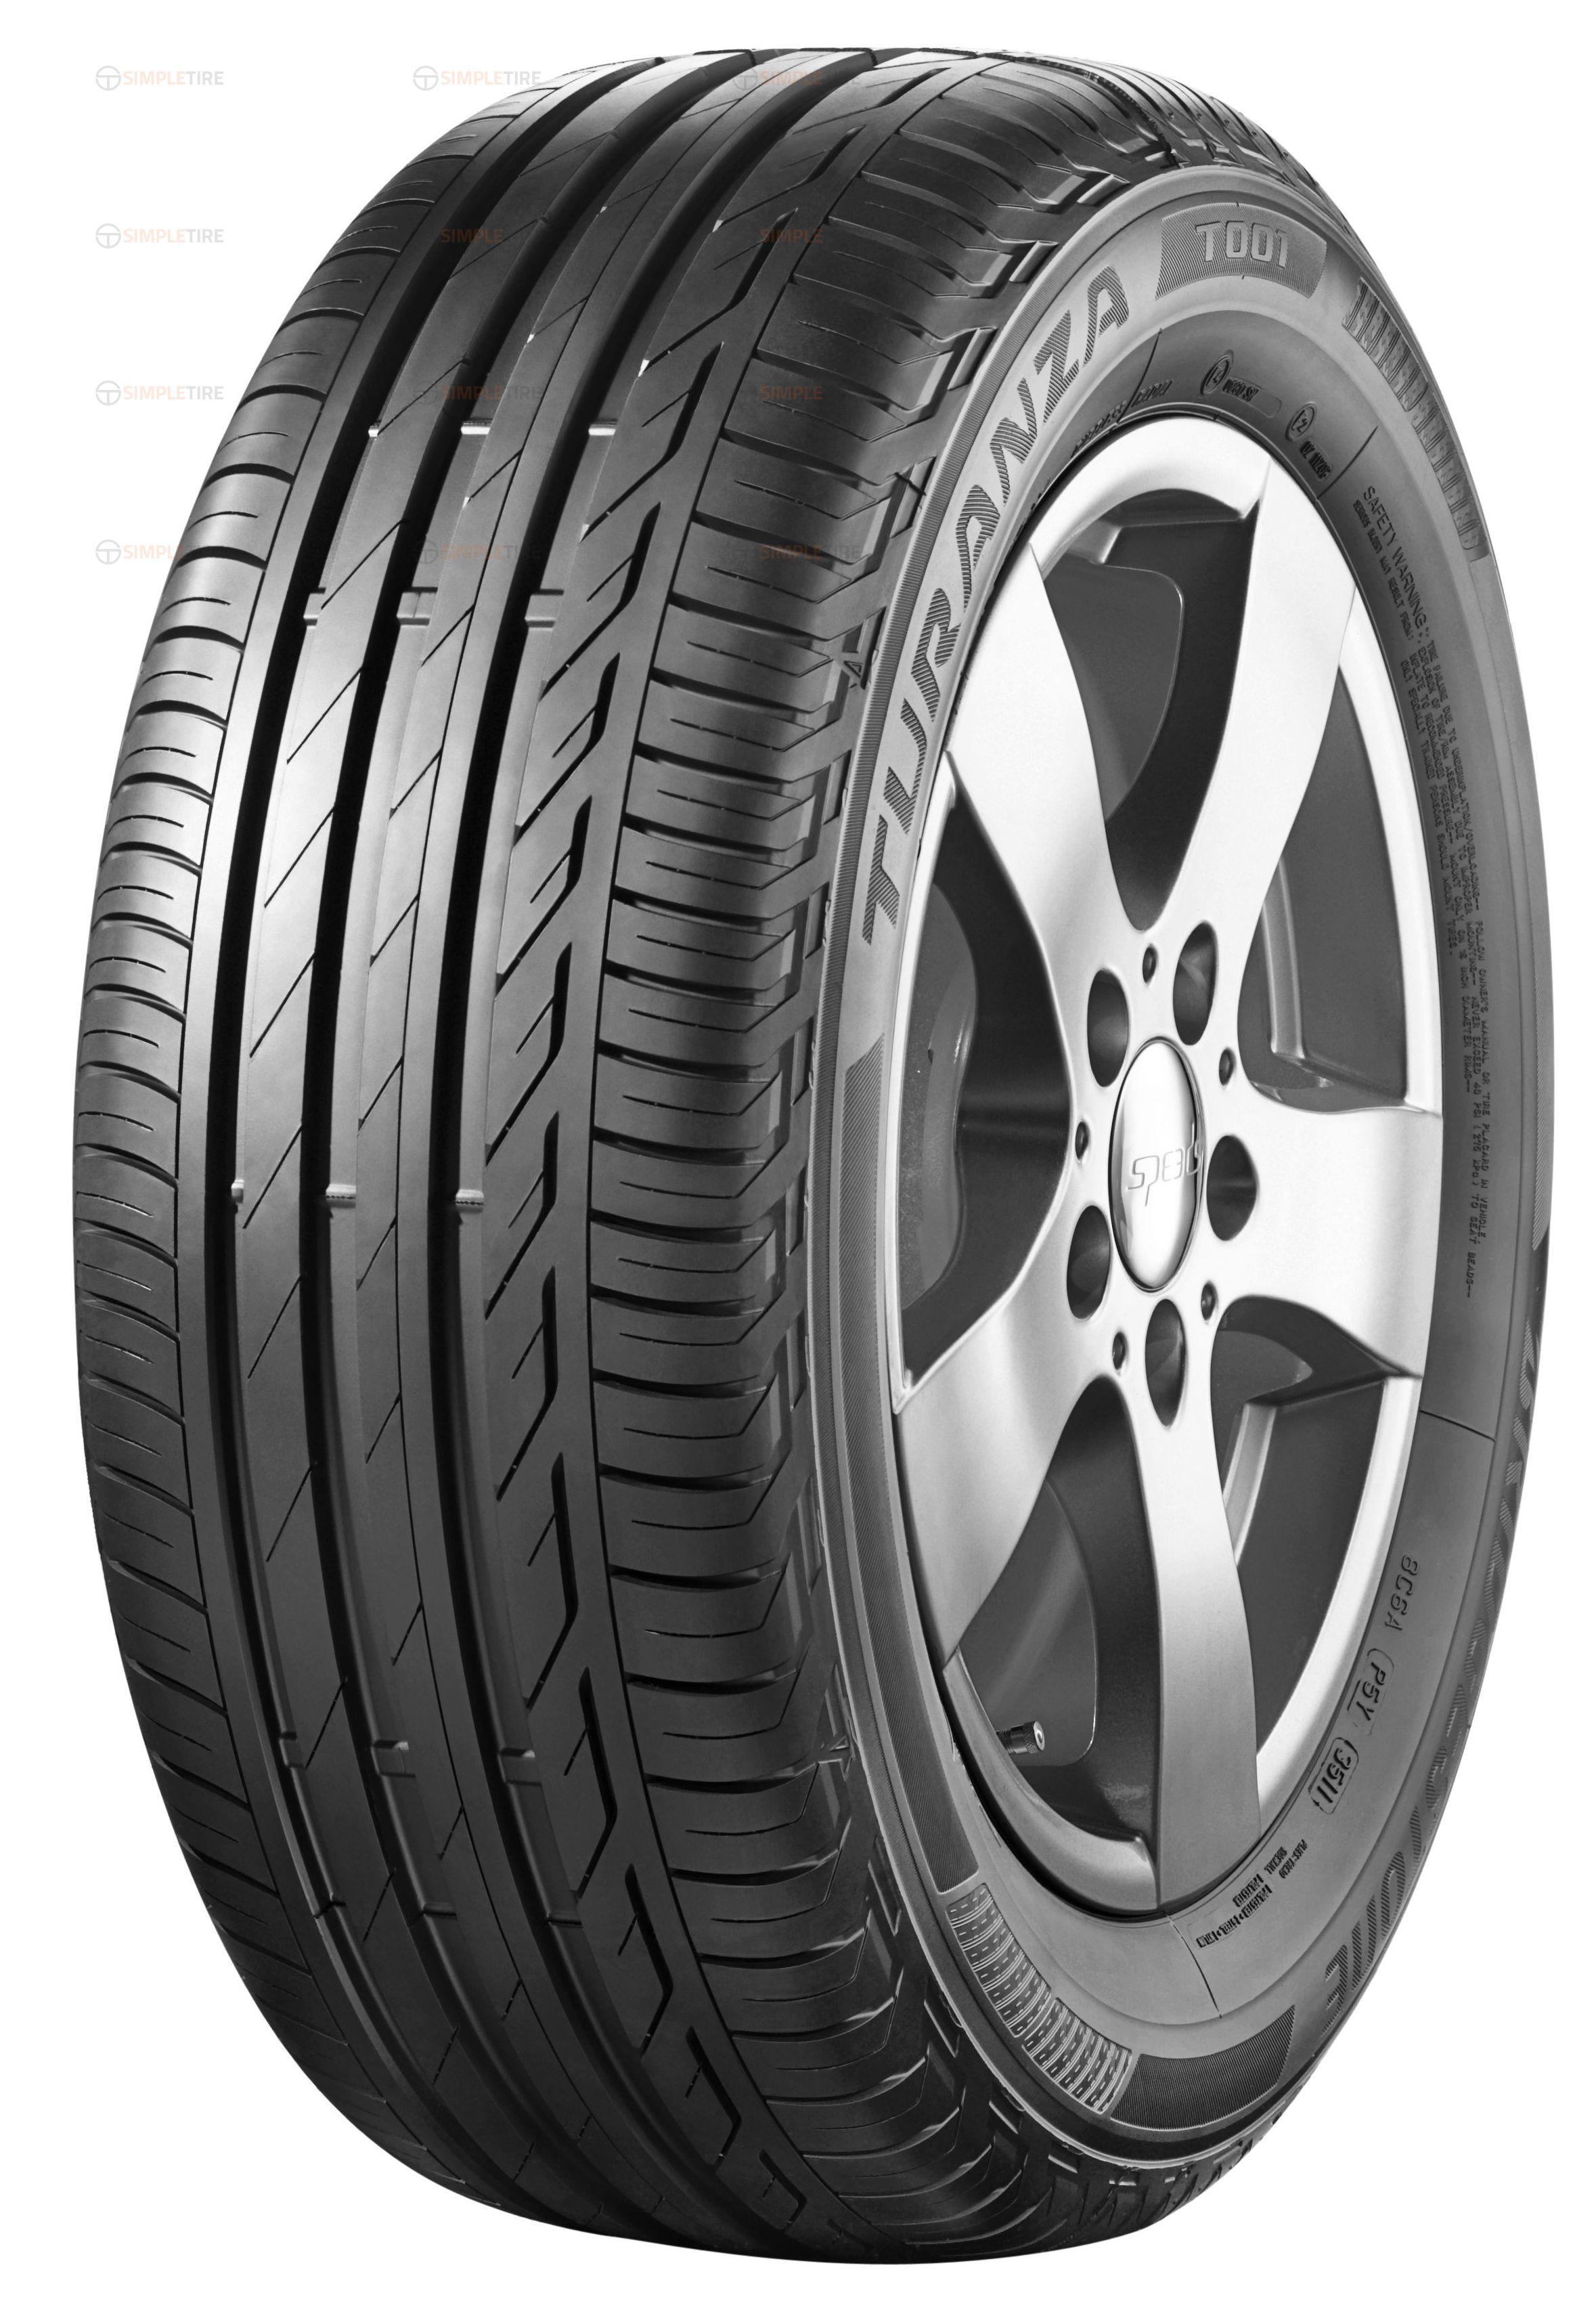 5323 225/50R18 Turanza T001 RFT Bridgestone